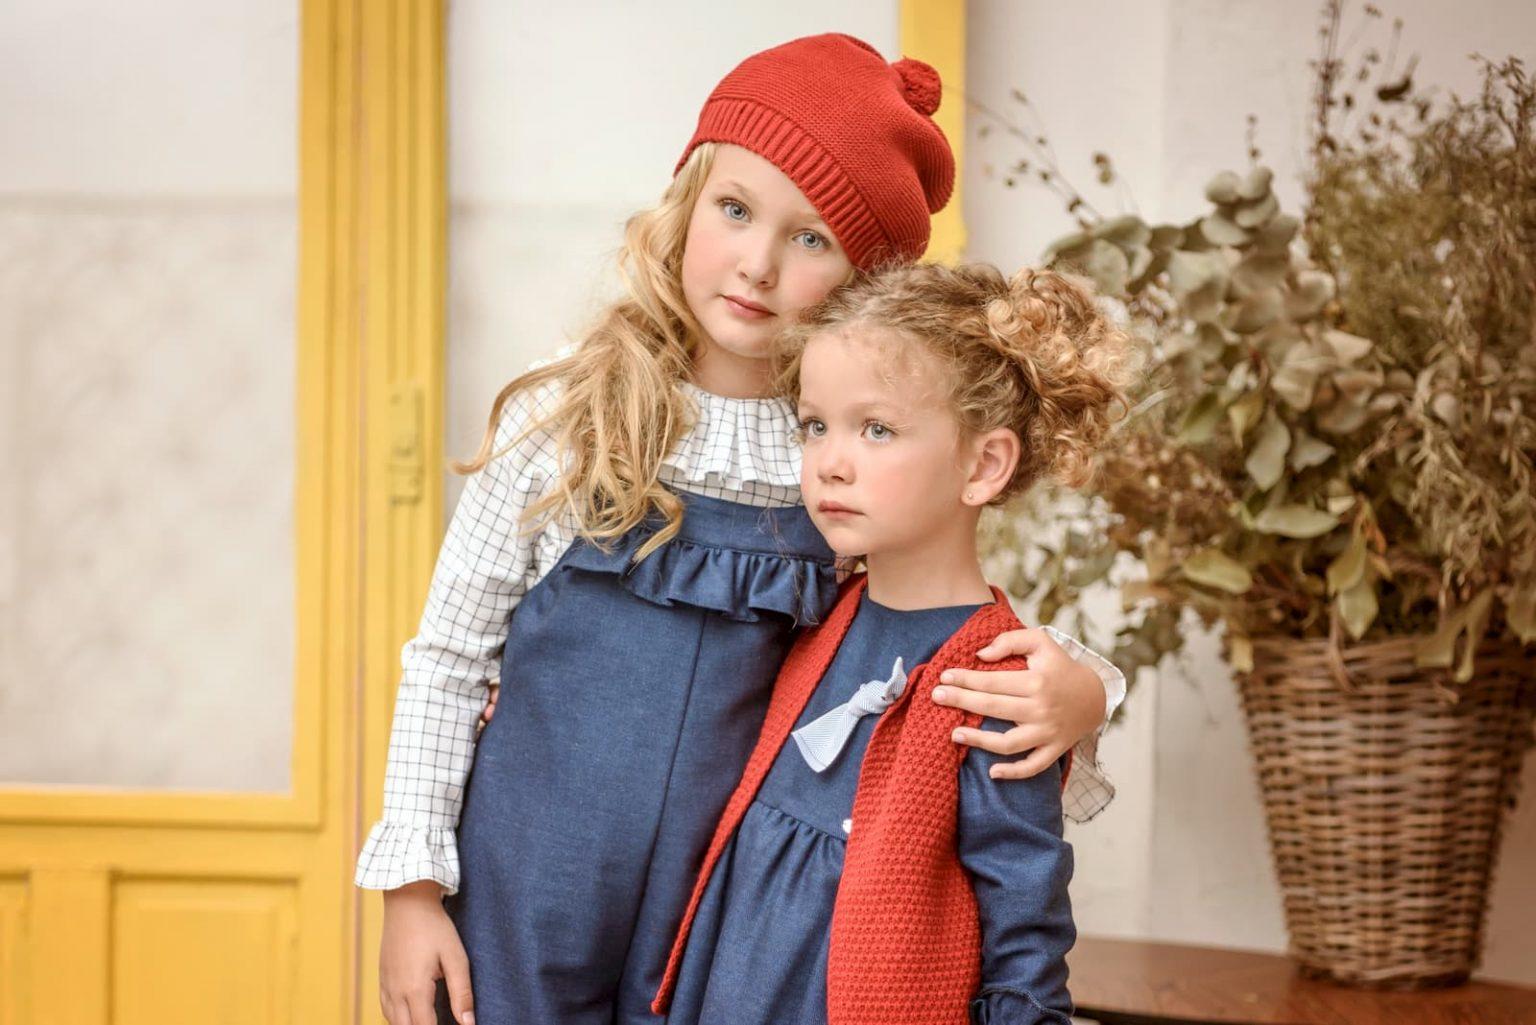 Los mejores looks infantiles para la vuelta a las aulas